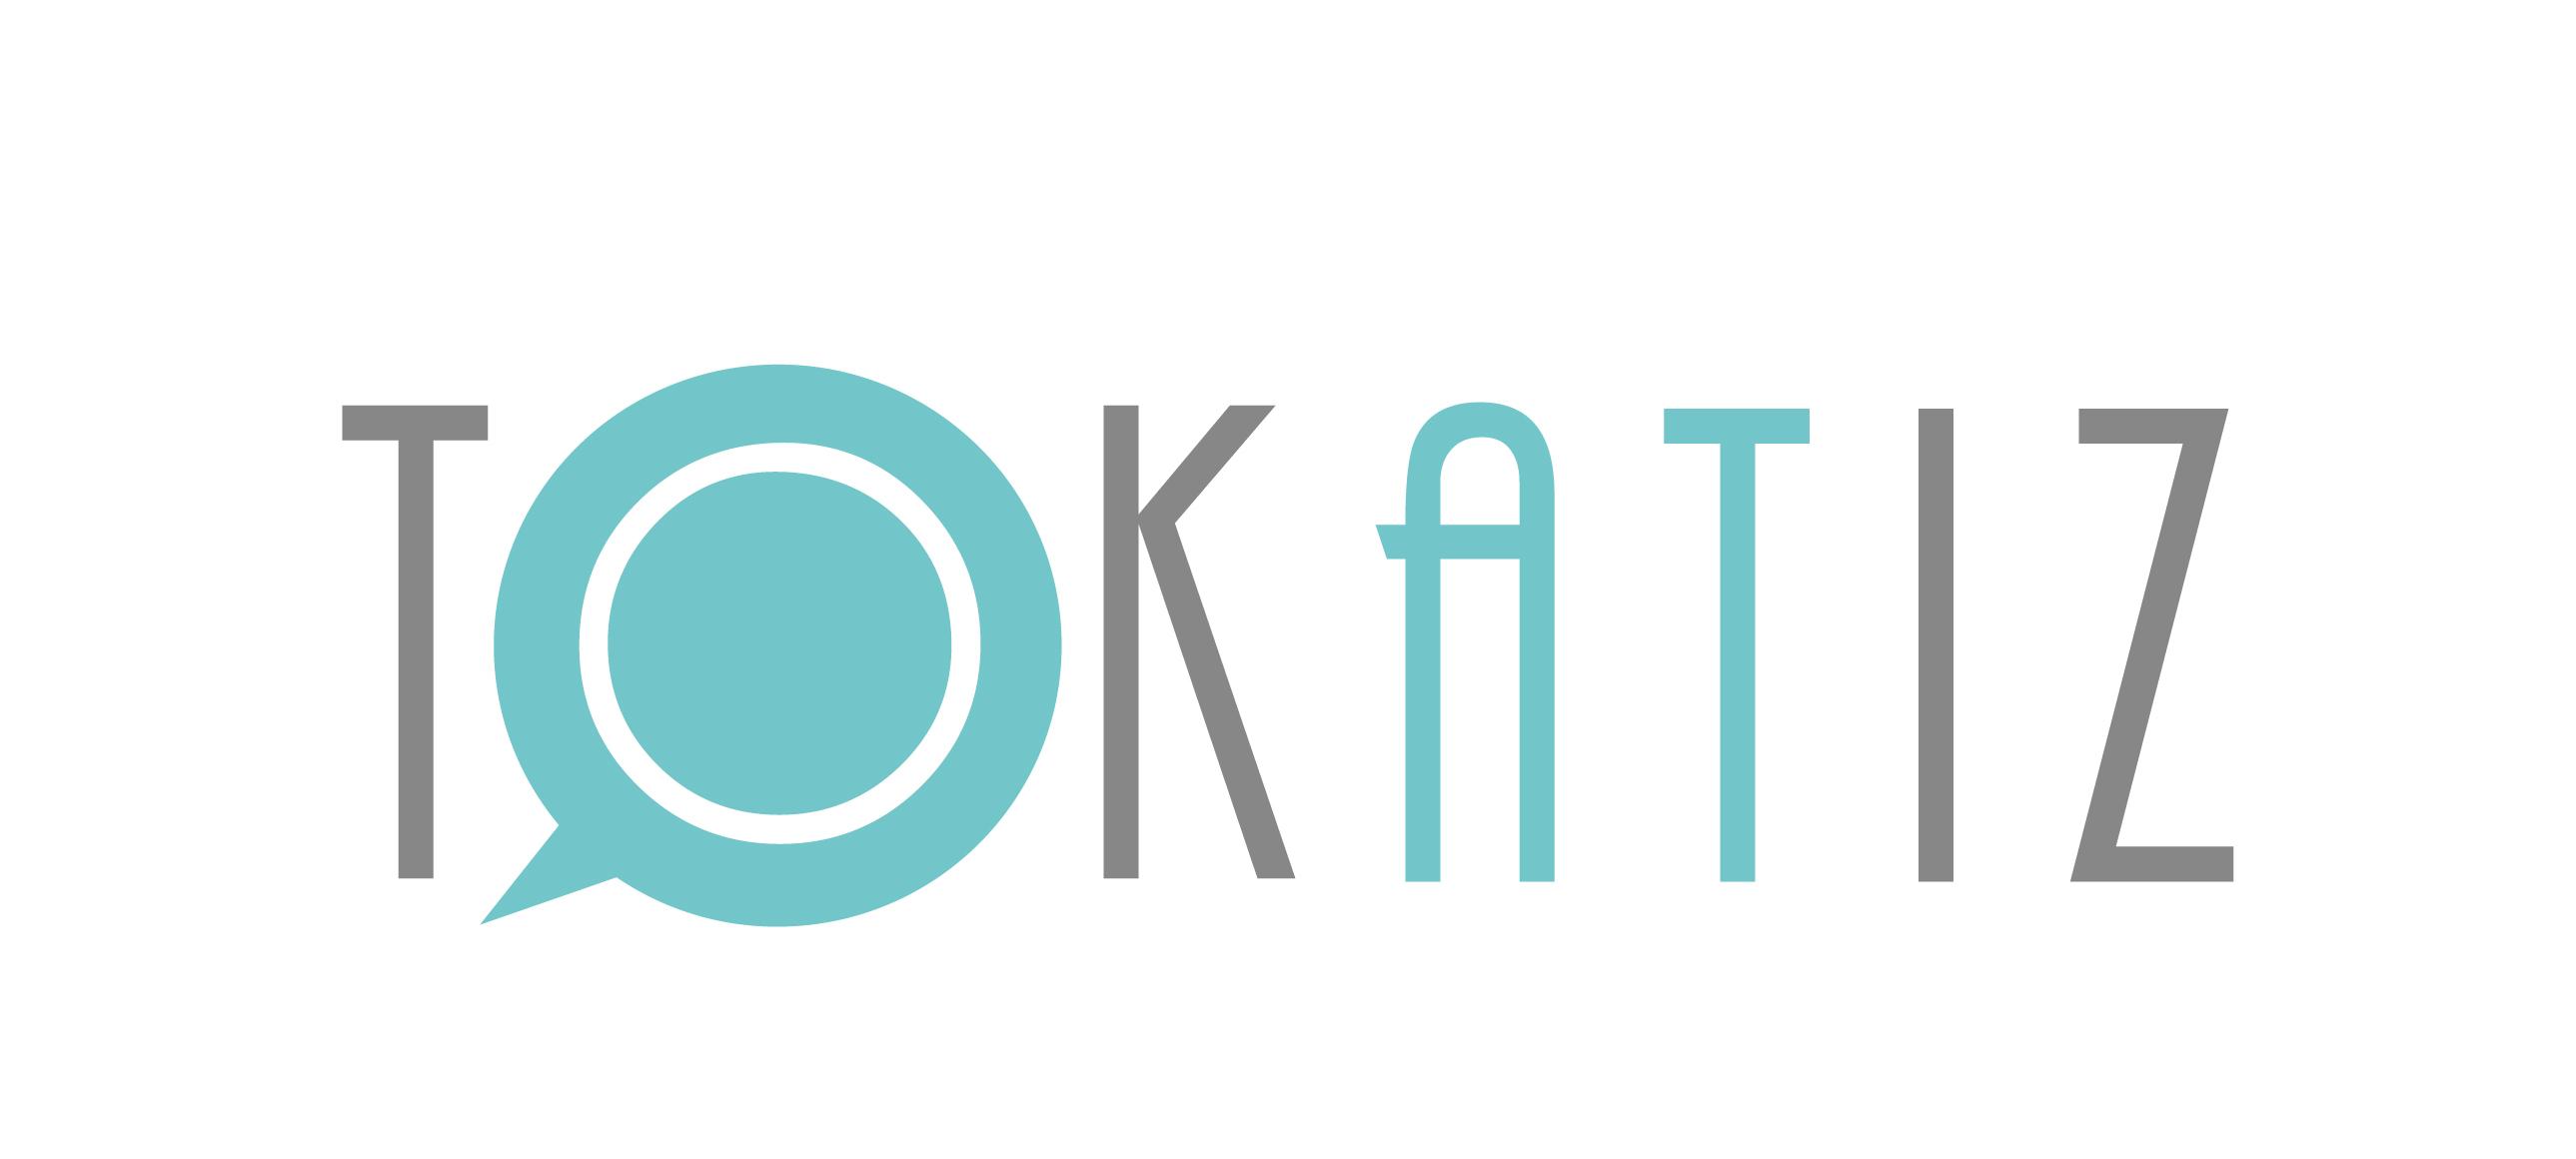 ttokatiz-logo.jpg